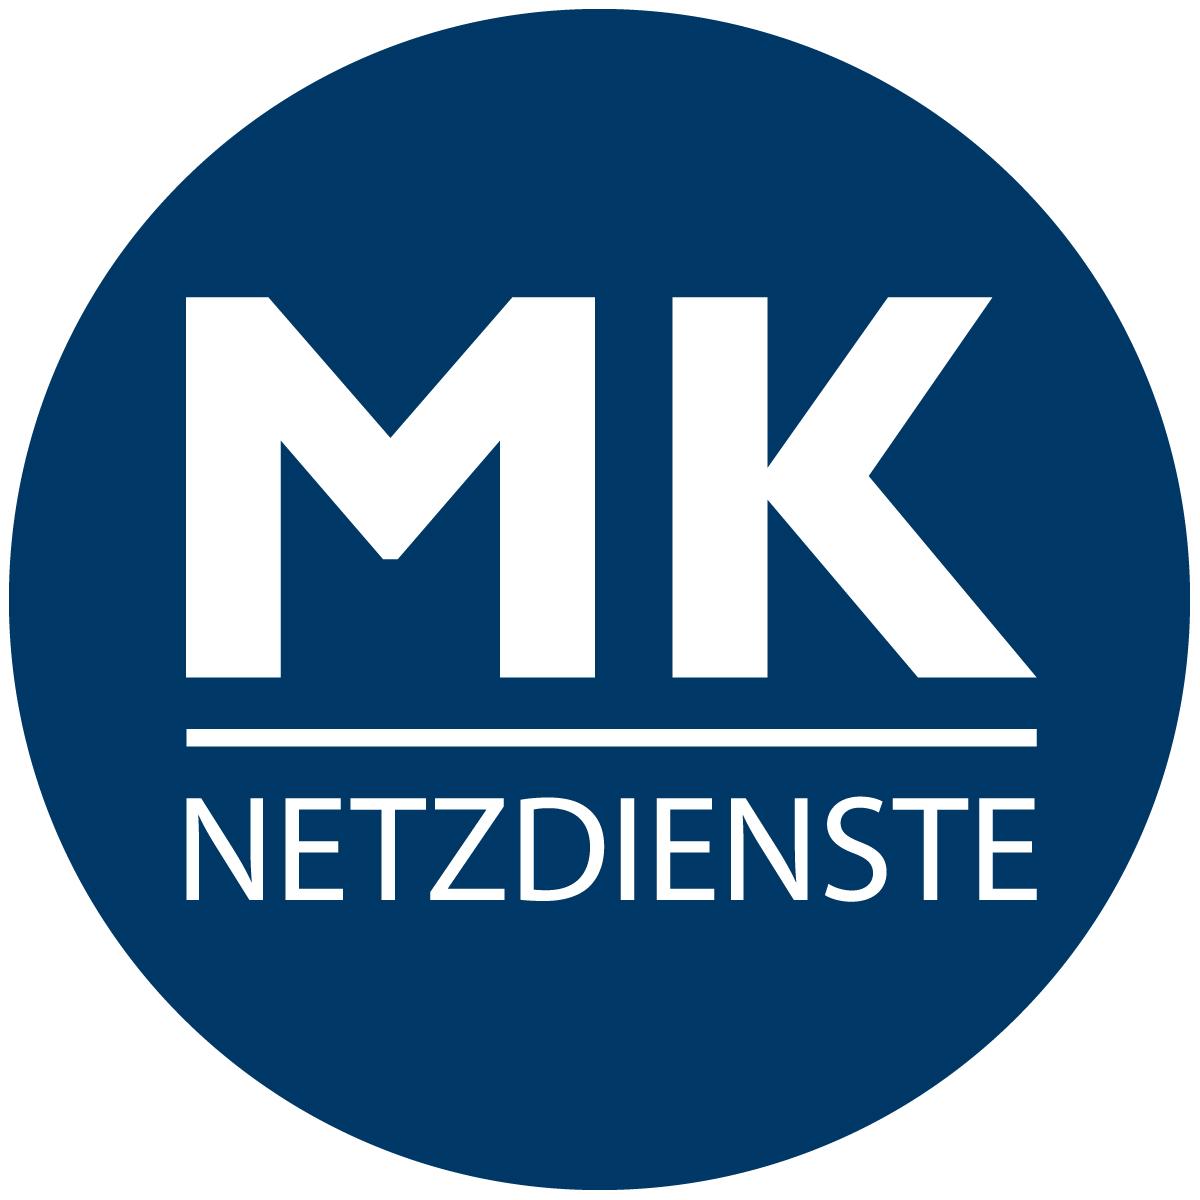 MK Netzdienste GmbH & Co. KG